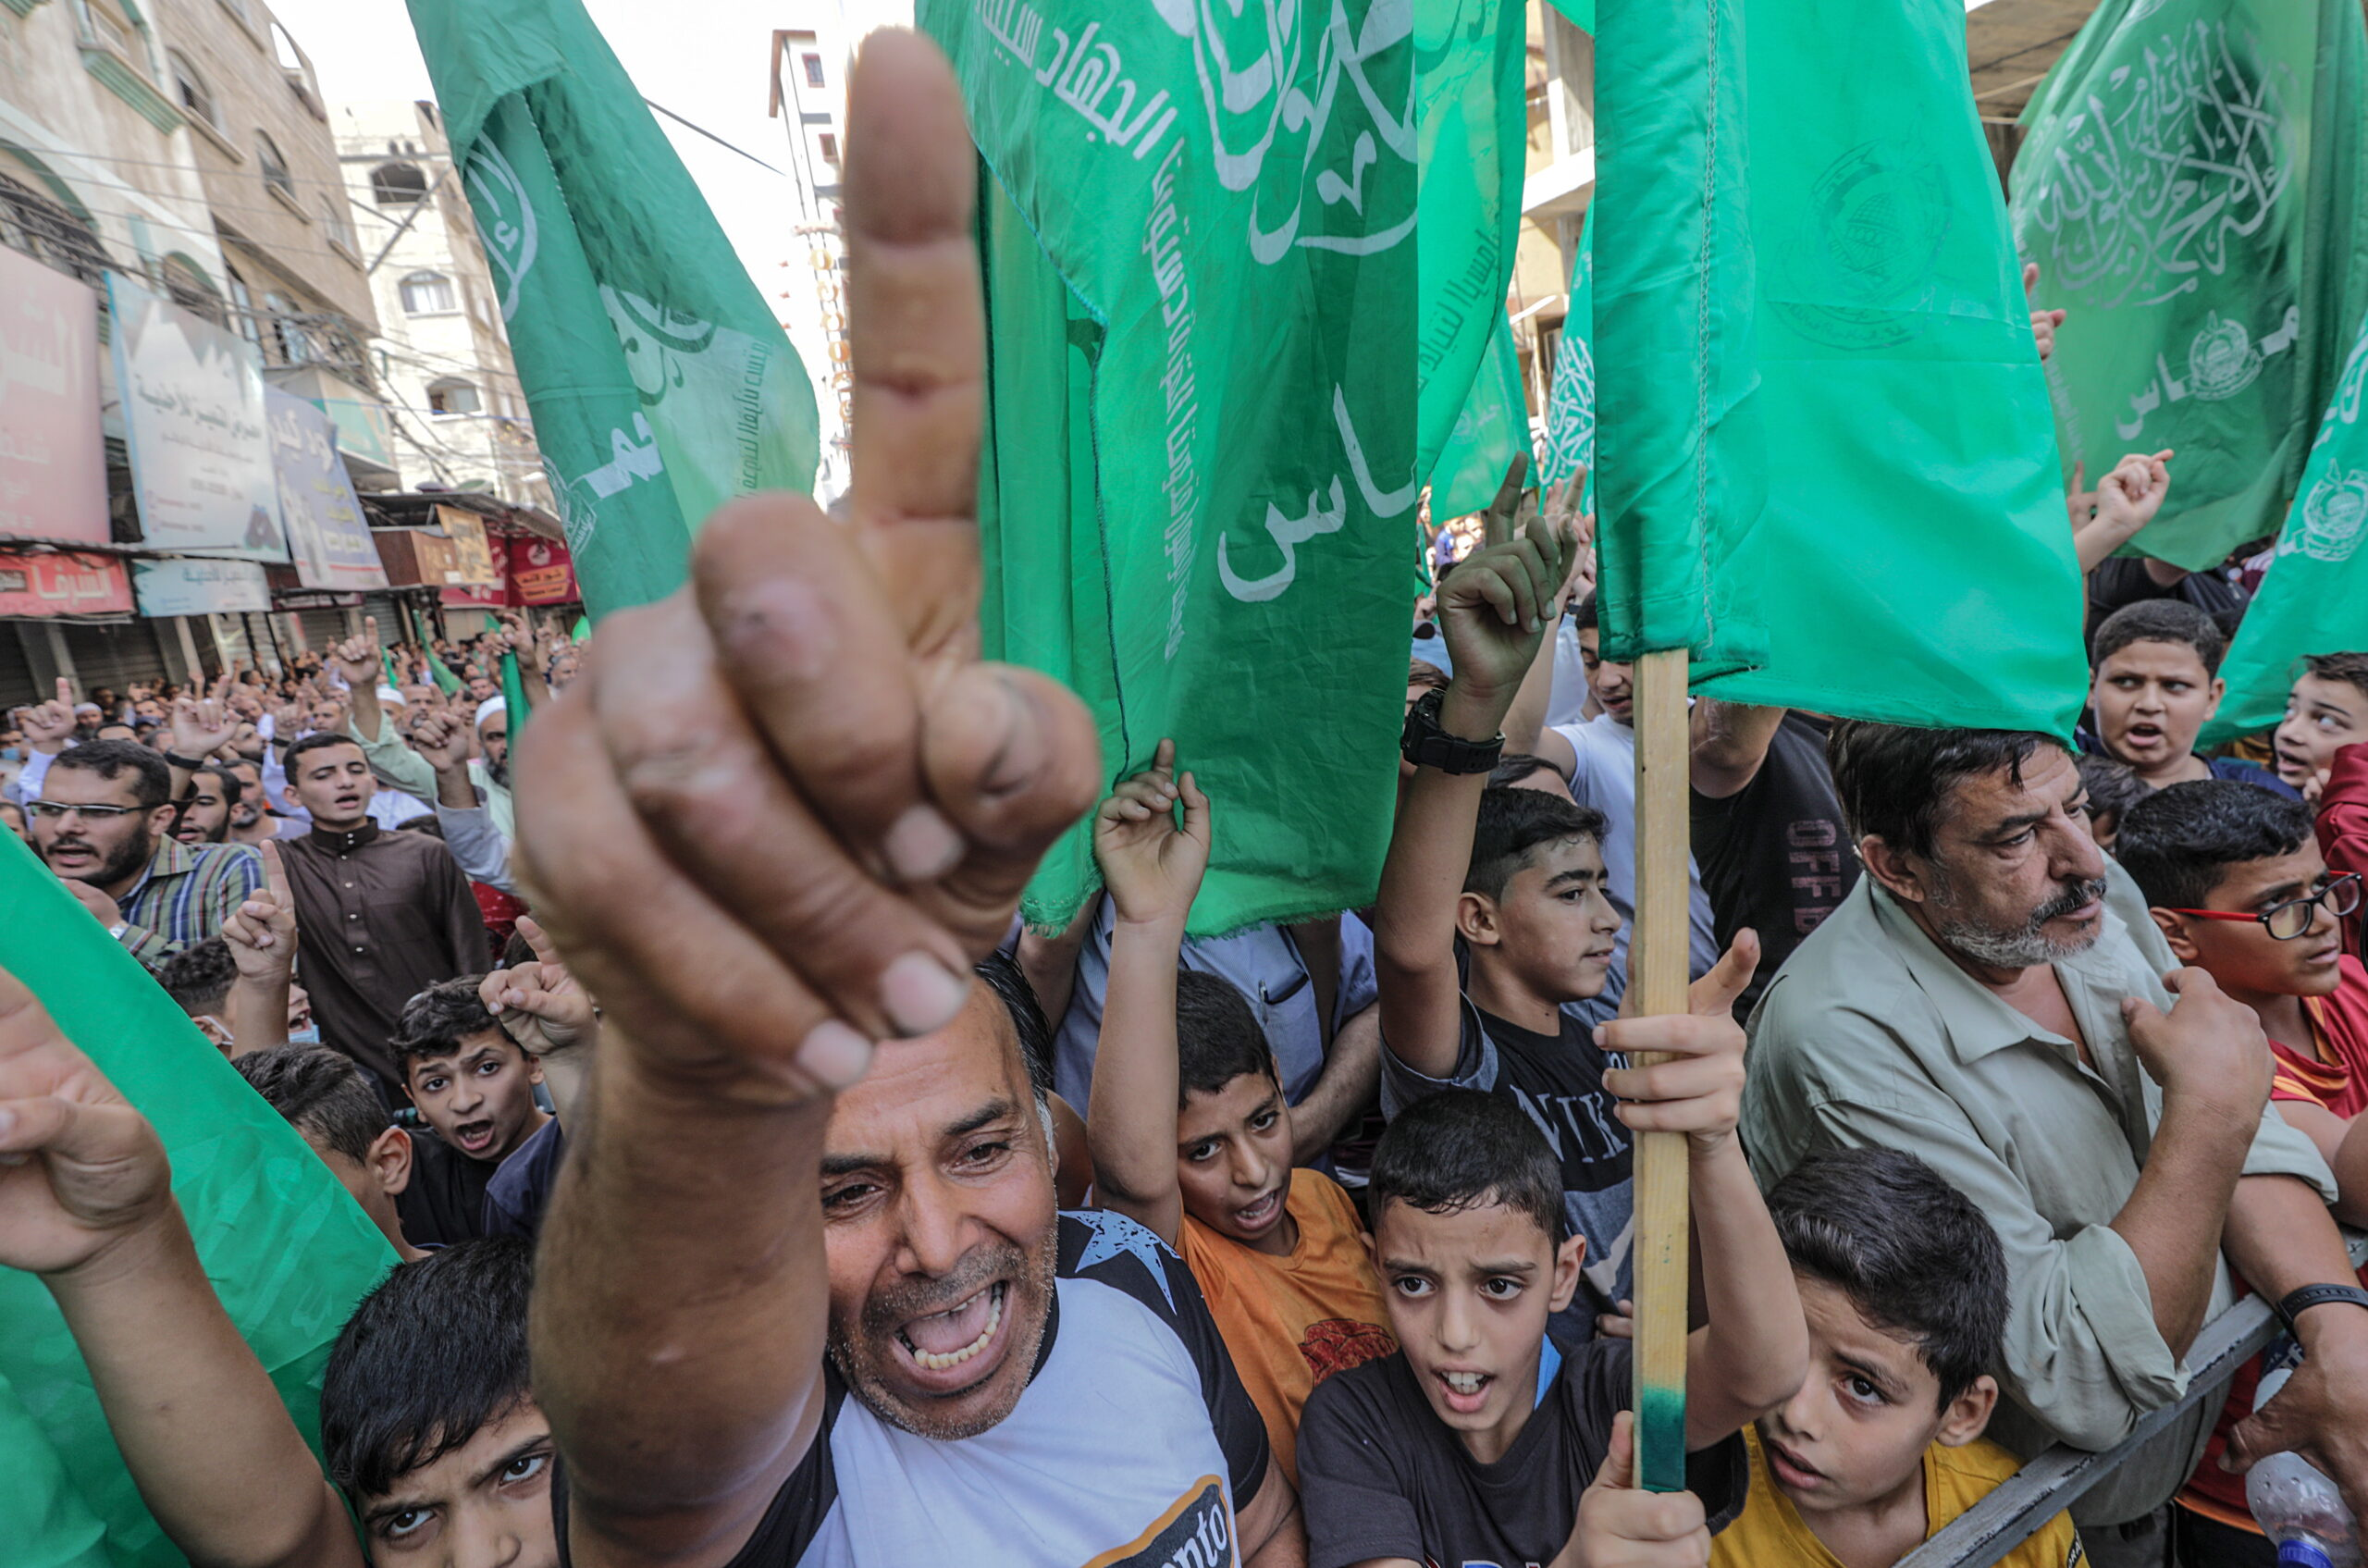 A Hamász ultimátumot adott Izraelnek, 8 millió dollárt követelnek keddig